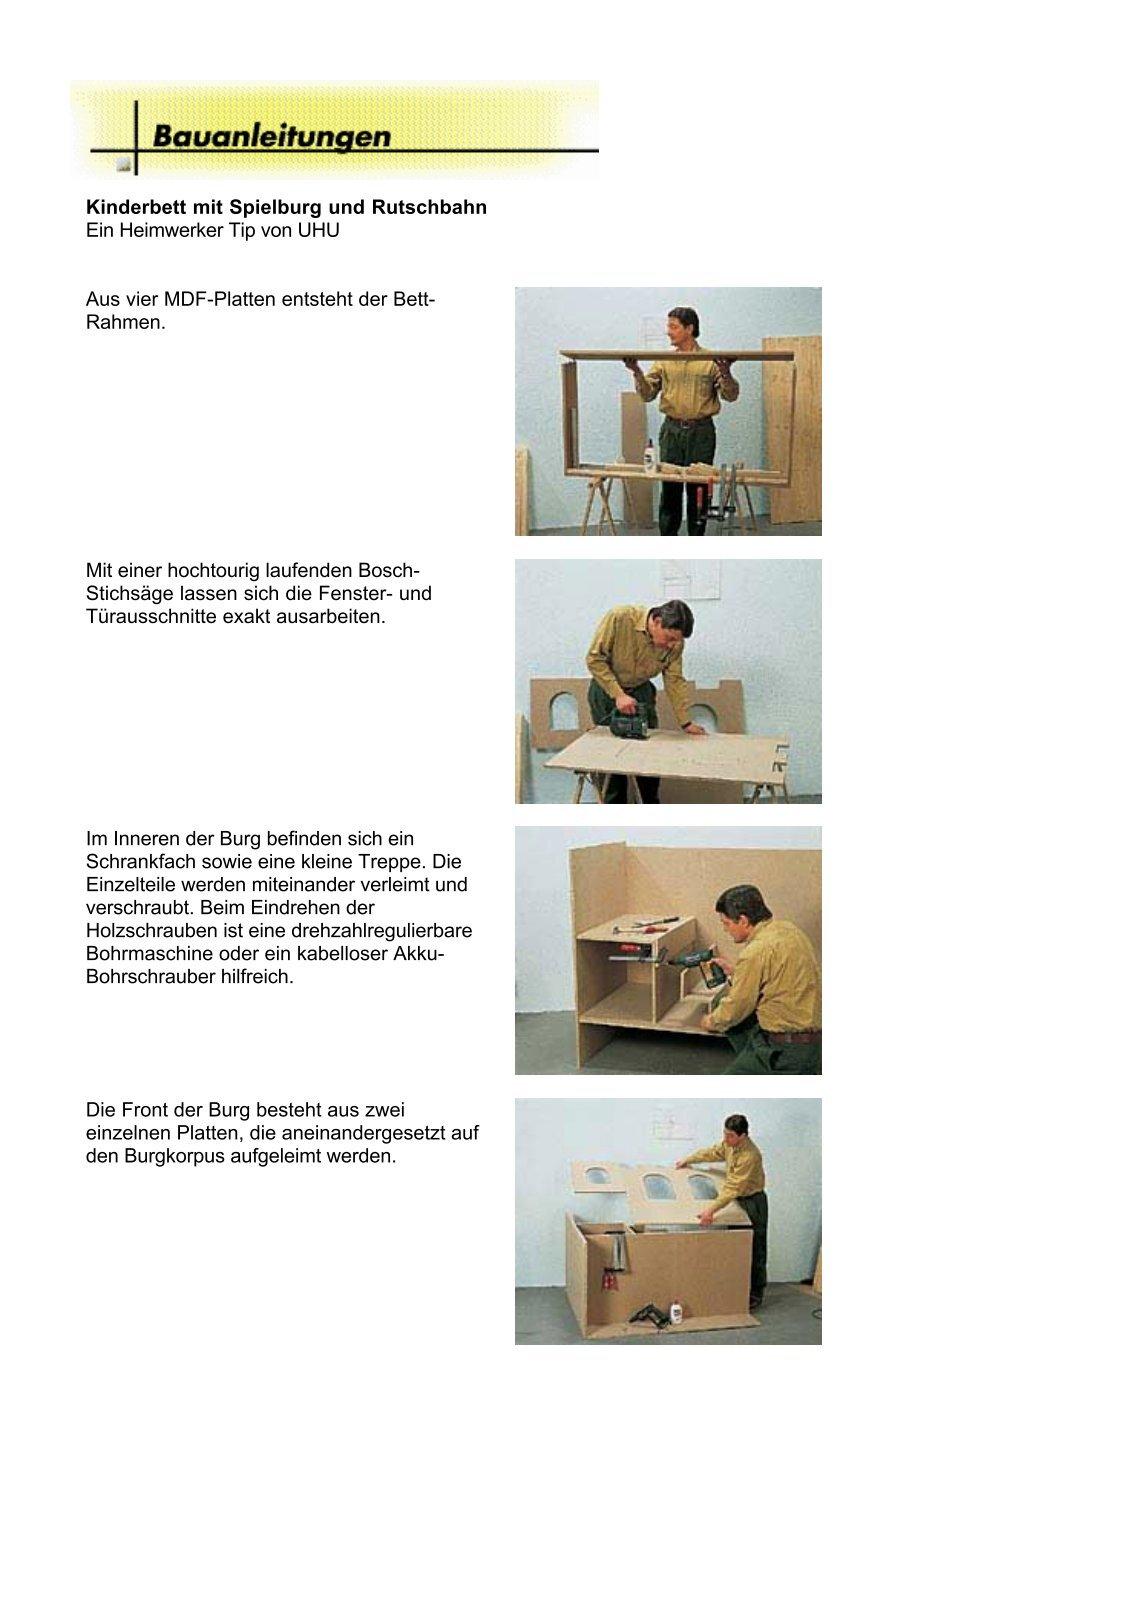 Atemberaubend Heimwerker Einen Rahmen Bilder - Benutzerdefinierte ...